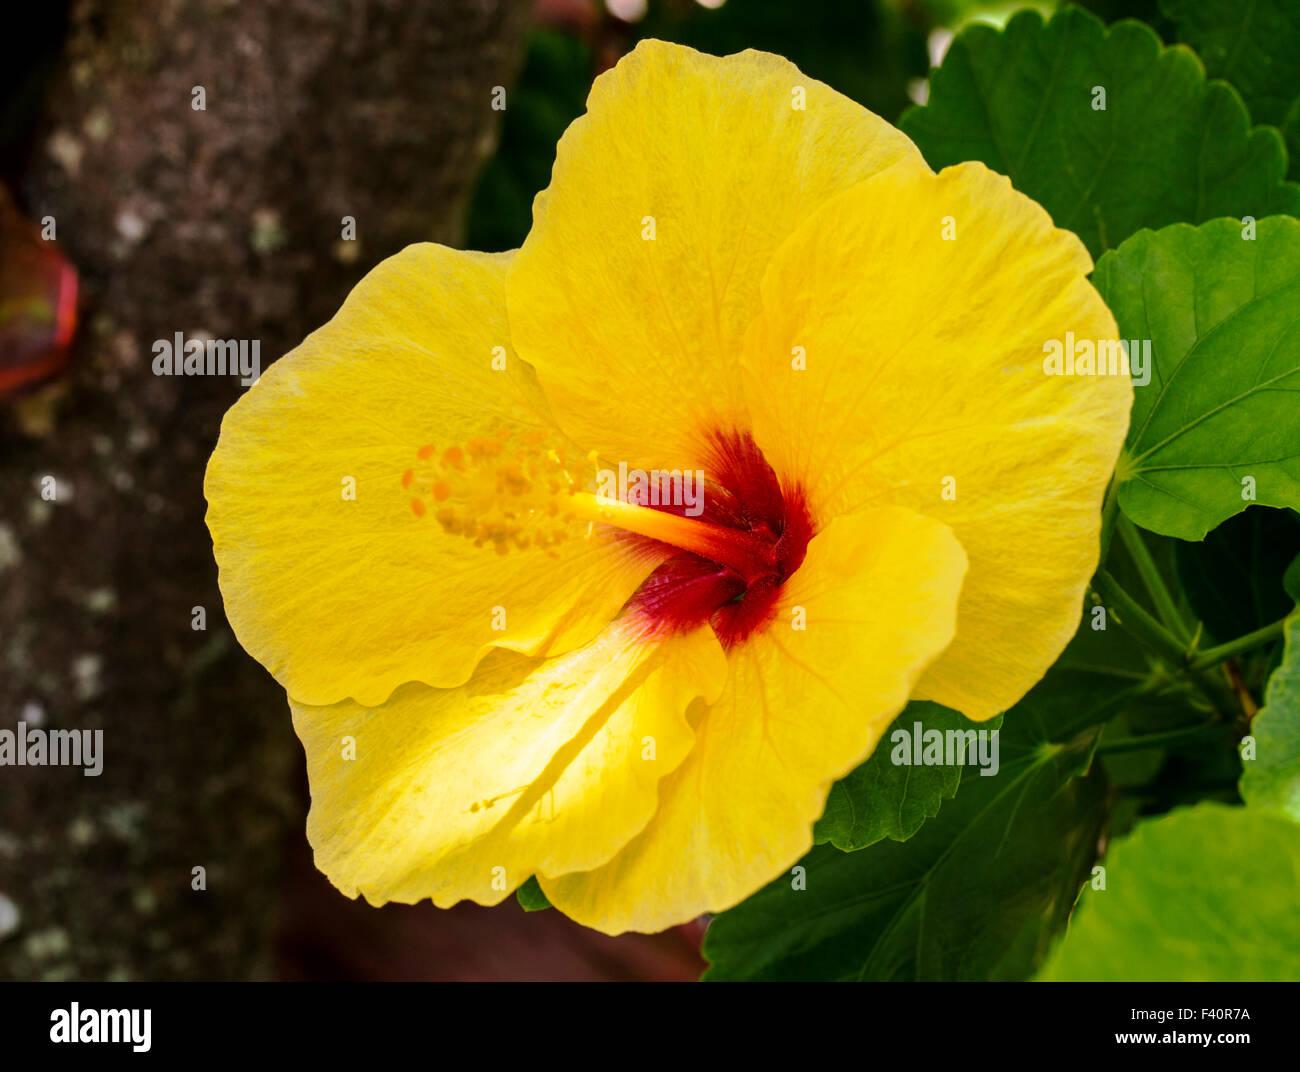 Hawaiian Hibiscus Yellow Hibiscus Hibiscus Brackenridgei State Stock Photo Royalty Free